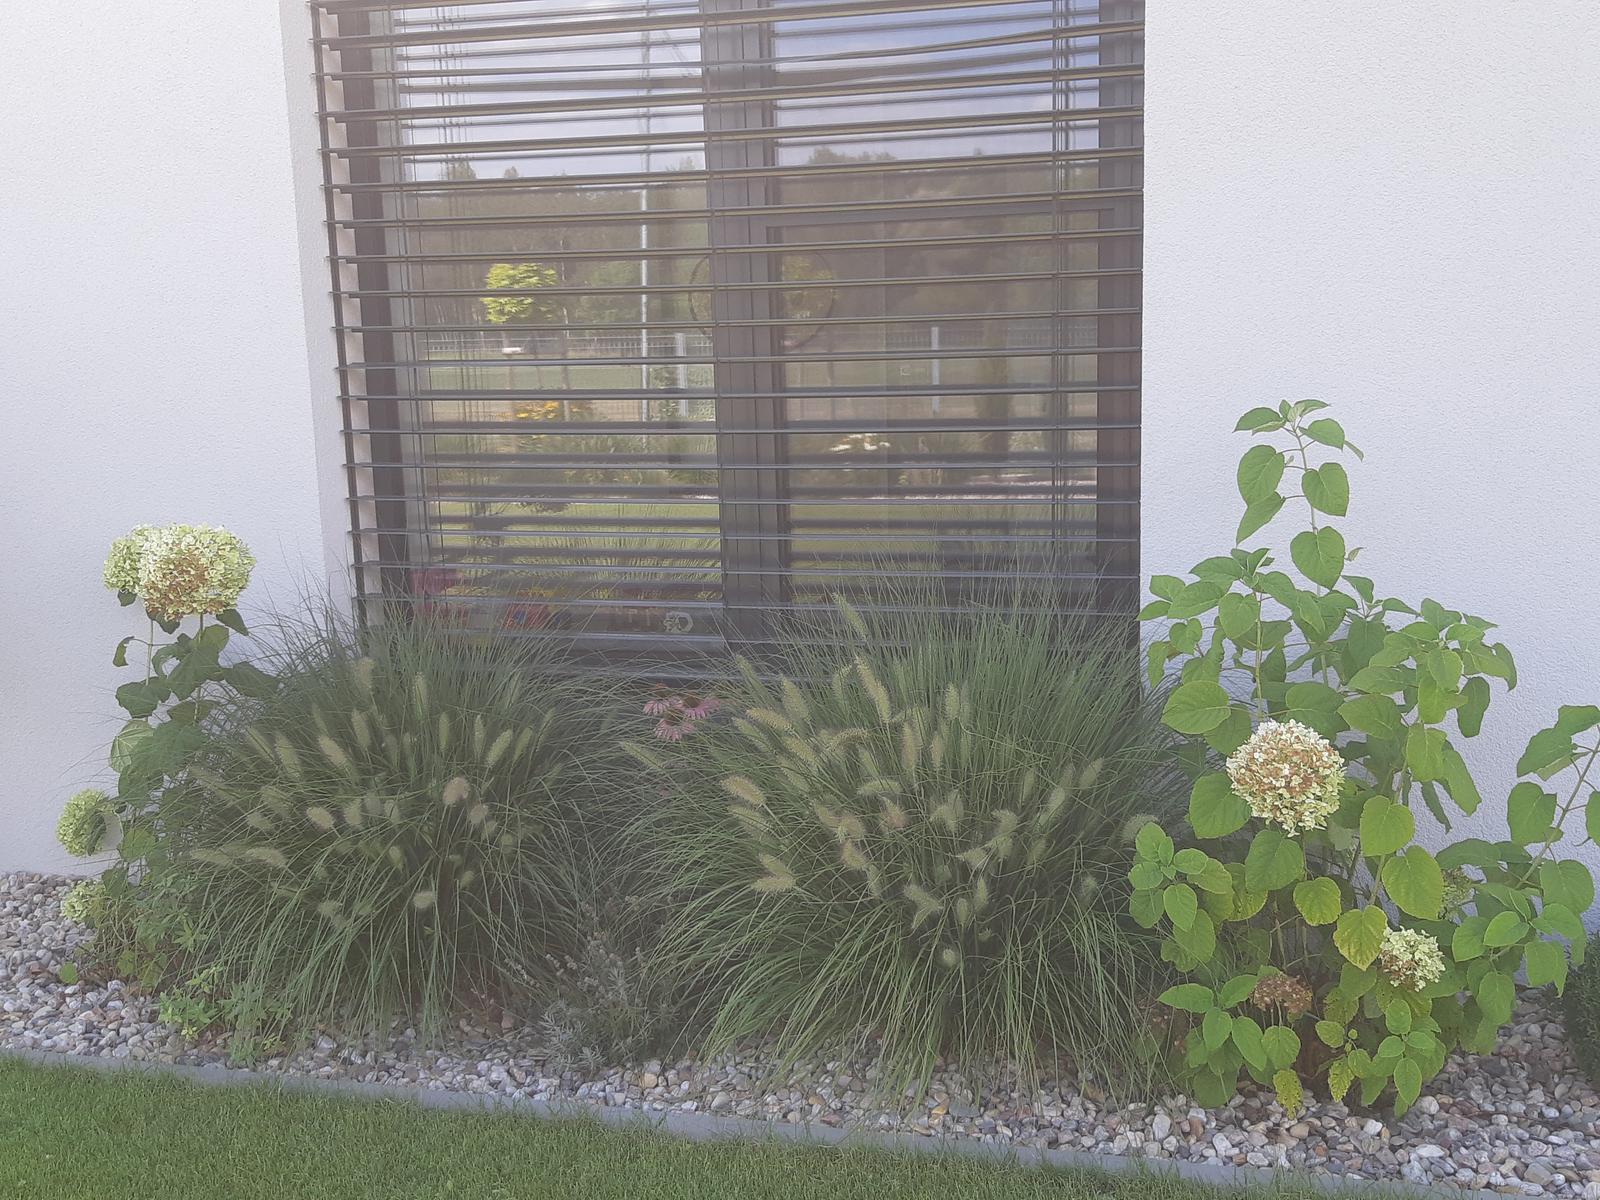 Záhrada - nekonečný príbeh - Obrázok č. 101